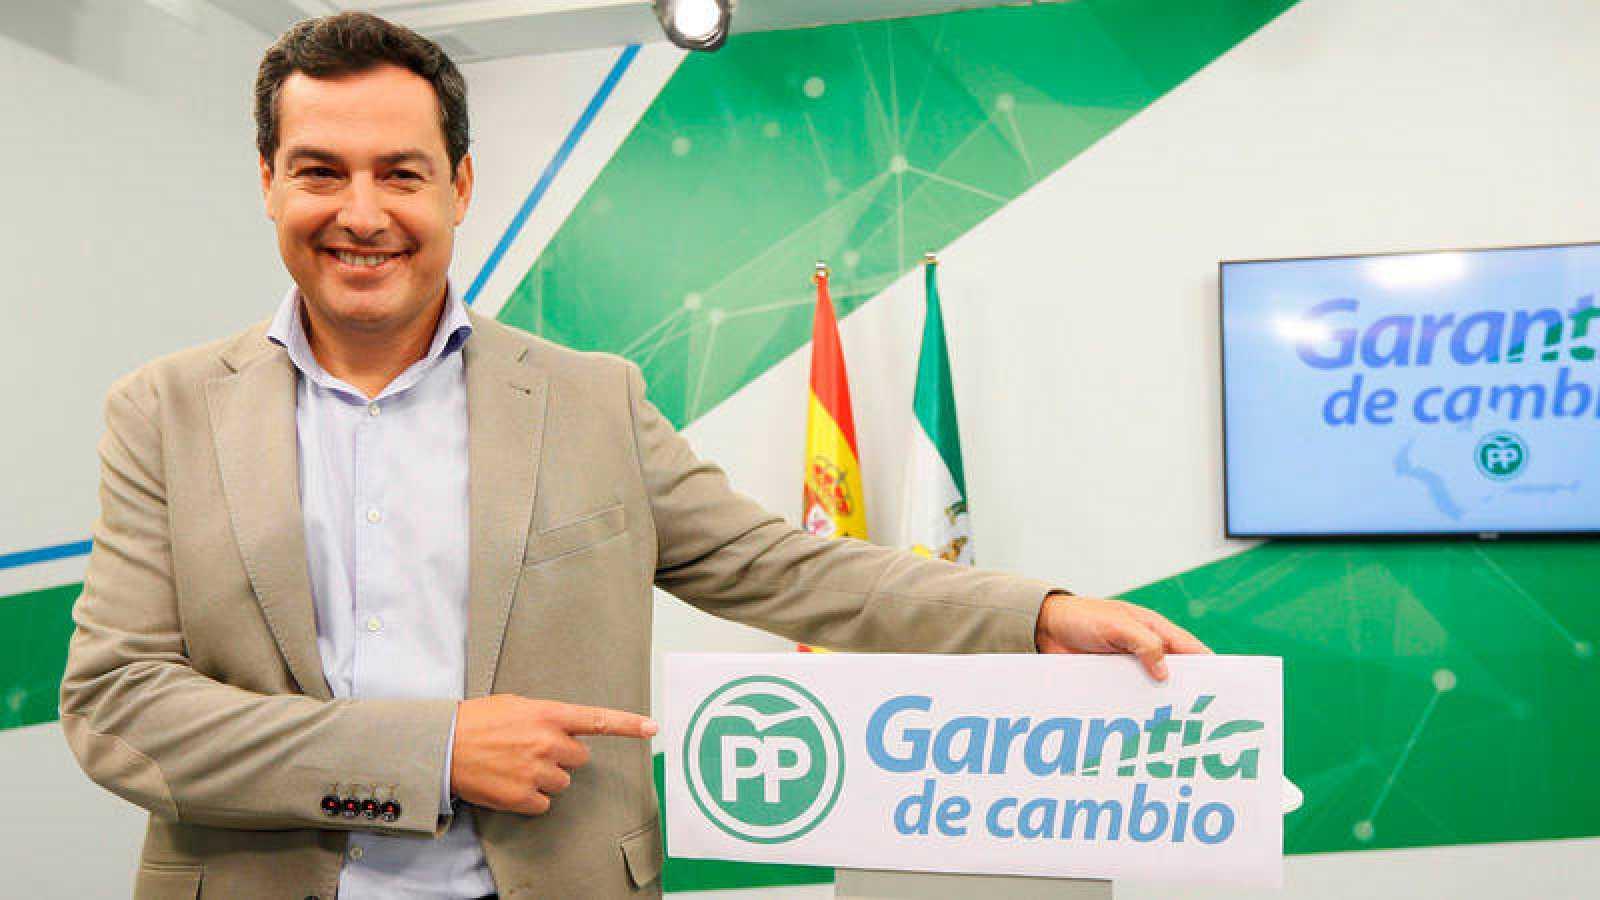 Juanma Moreno presenta el lema del PP para la campaña de las elecciones andaluzas de 2018.